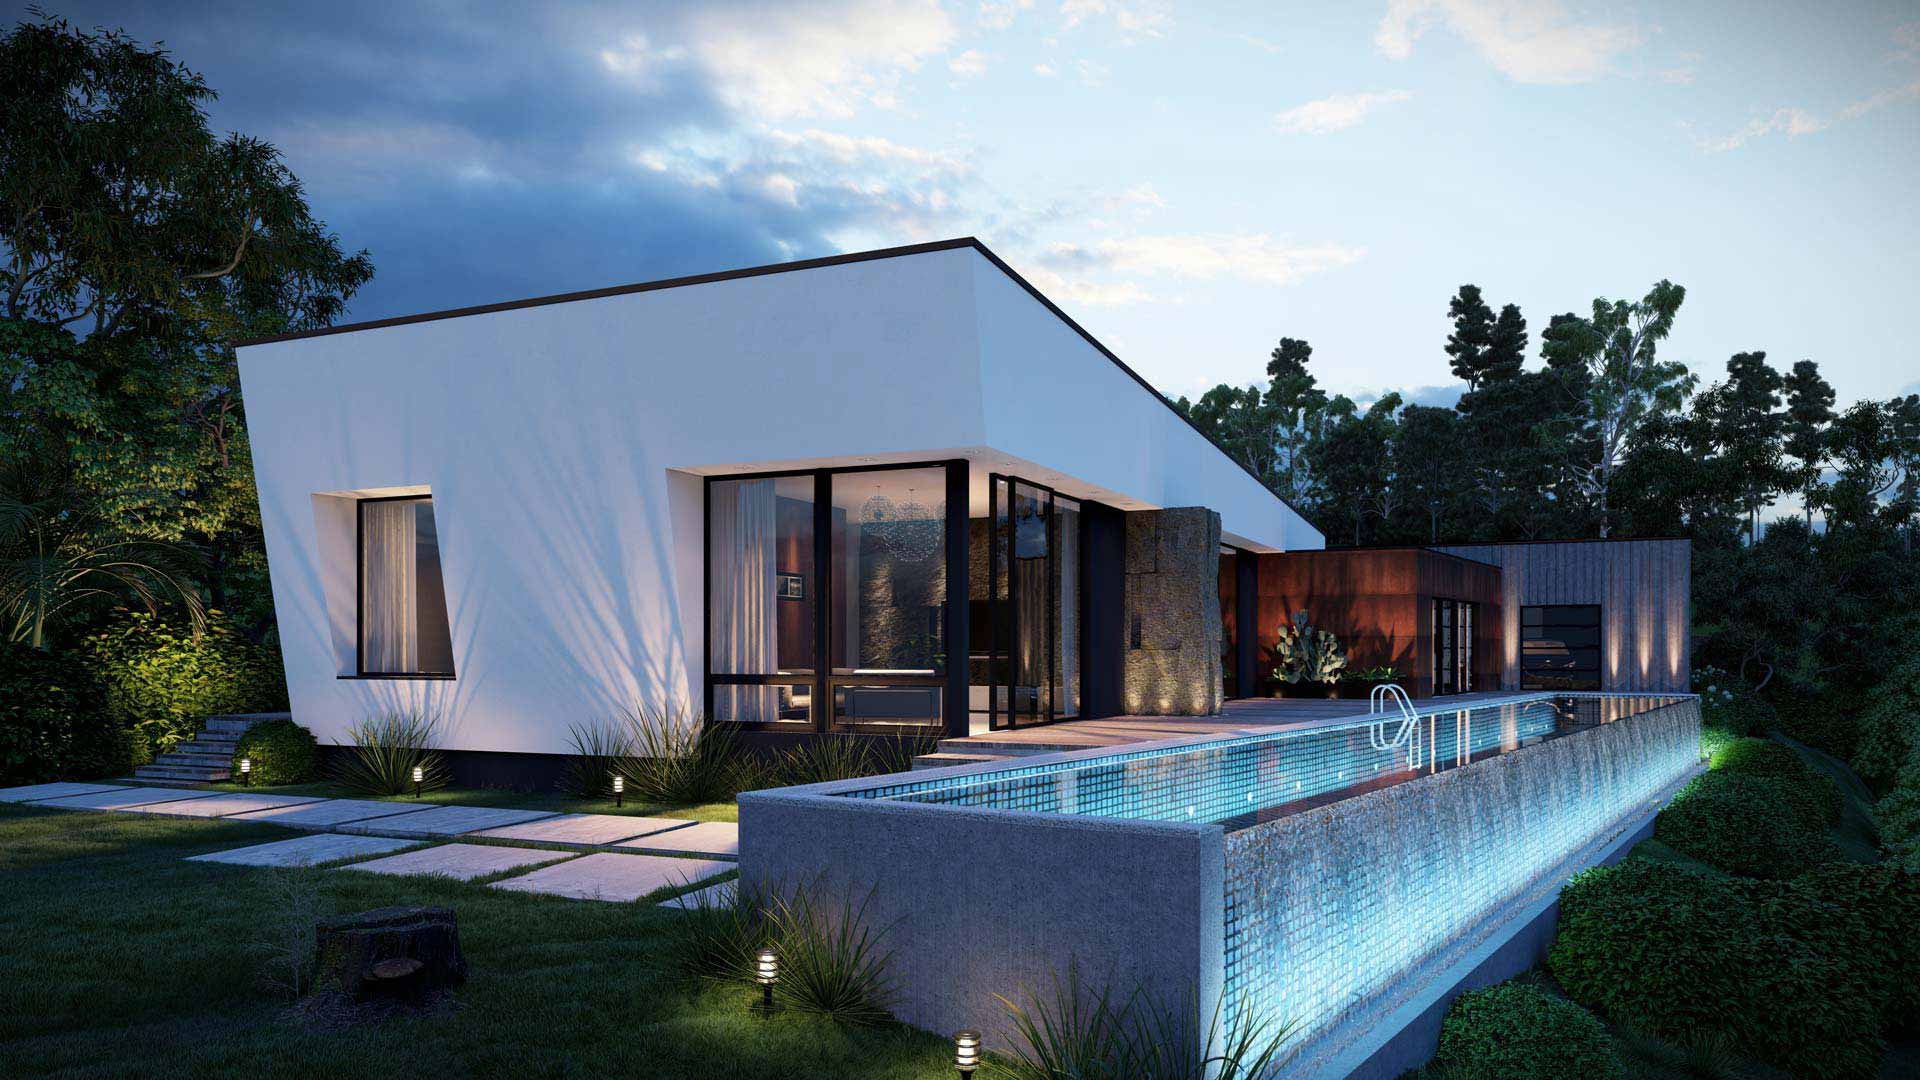 110-exterieur-villa-piscine-hd.jpg